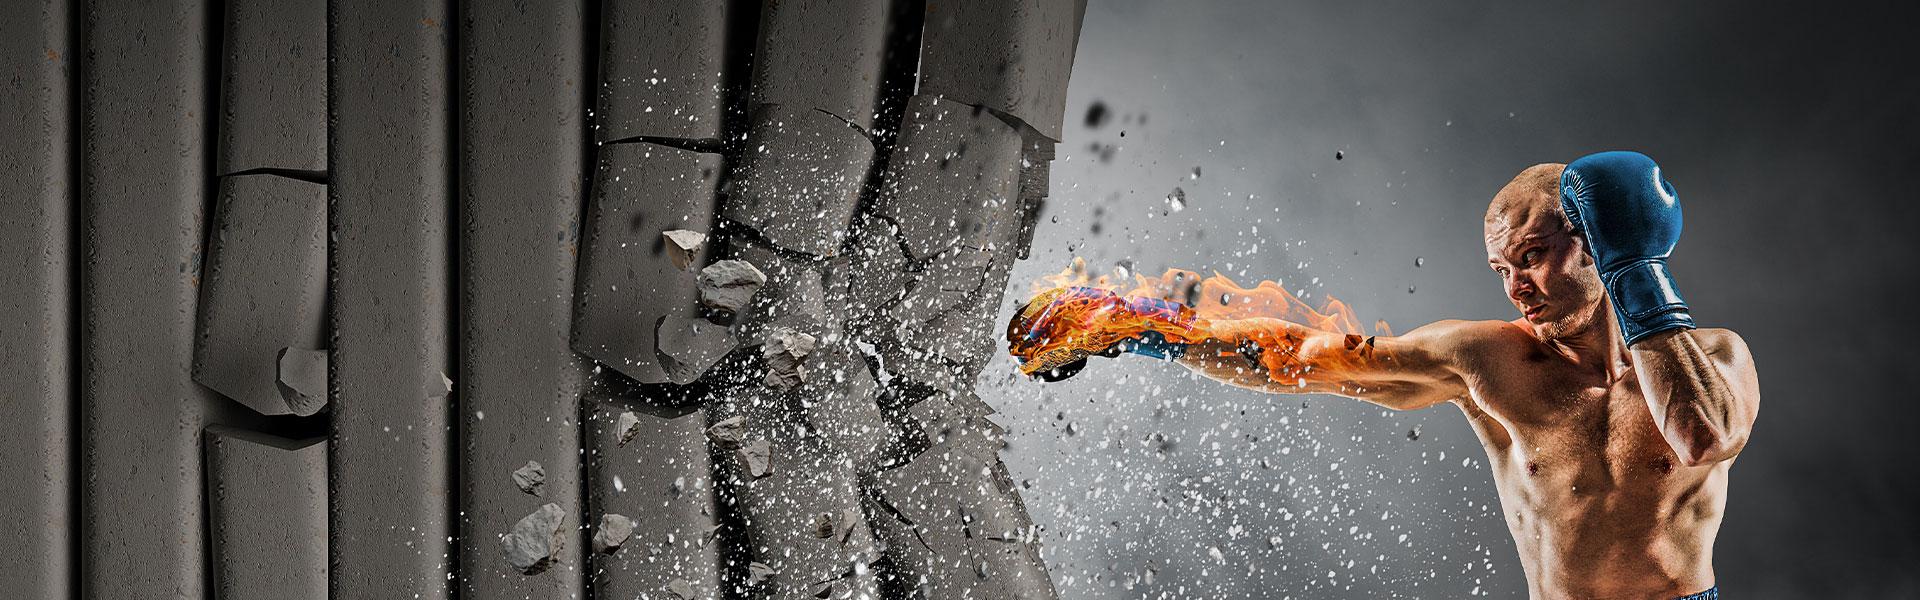 Werde ein Truck-Spezi - Mache eine Ausbildung zum KFZ-Elektriker.